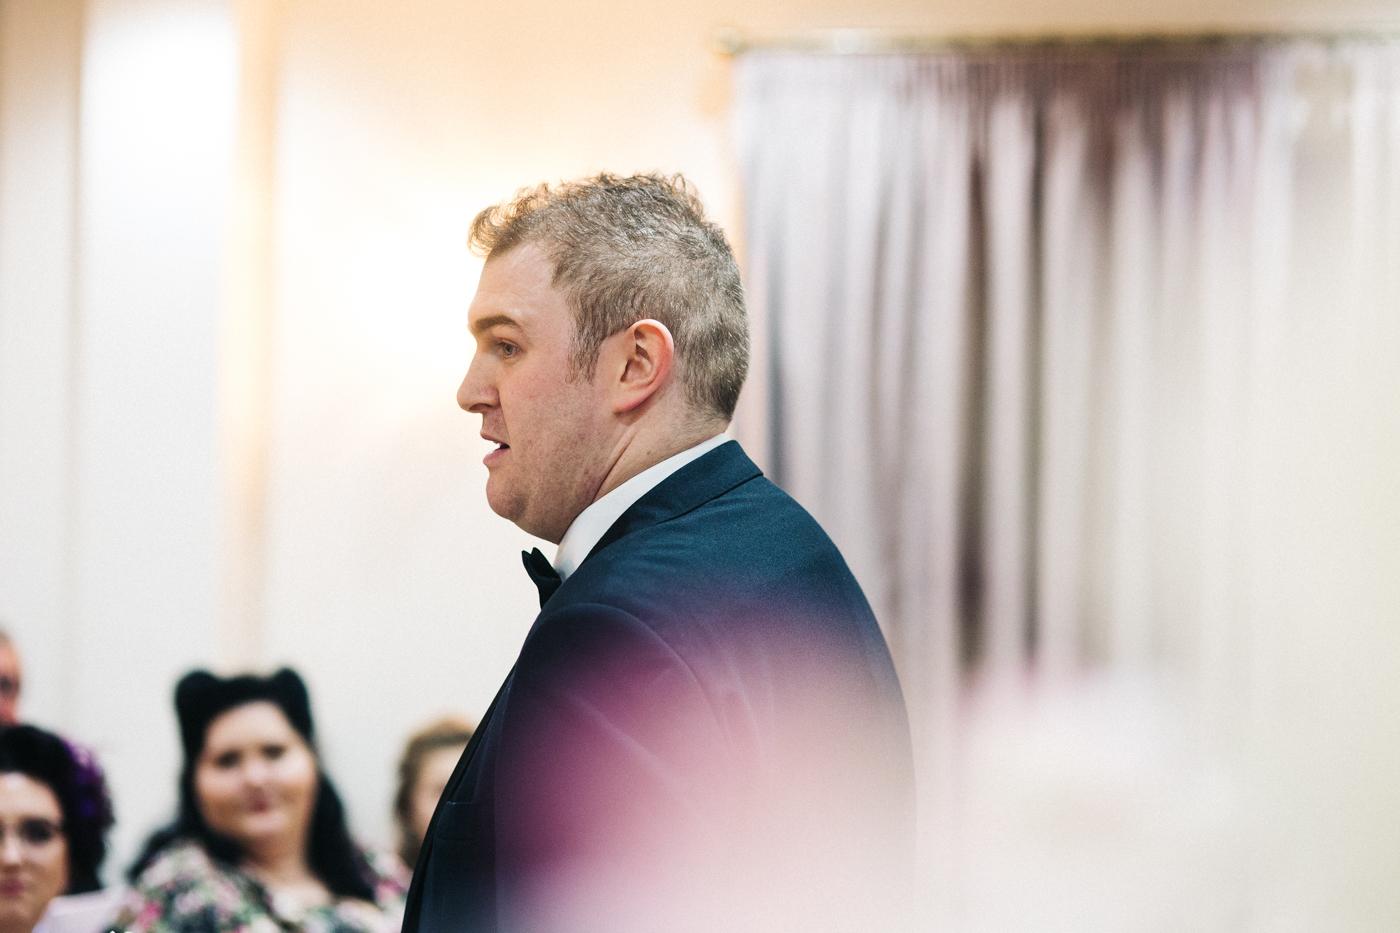 derby-derbyshire-wedding-photographer-creative-white-hart-inn-wedding-0026.jpg